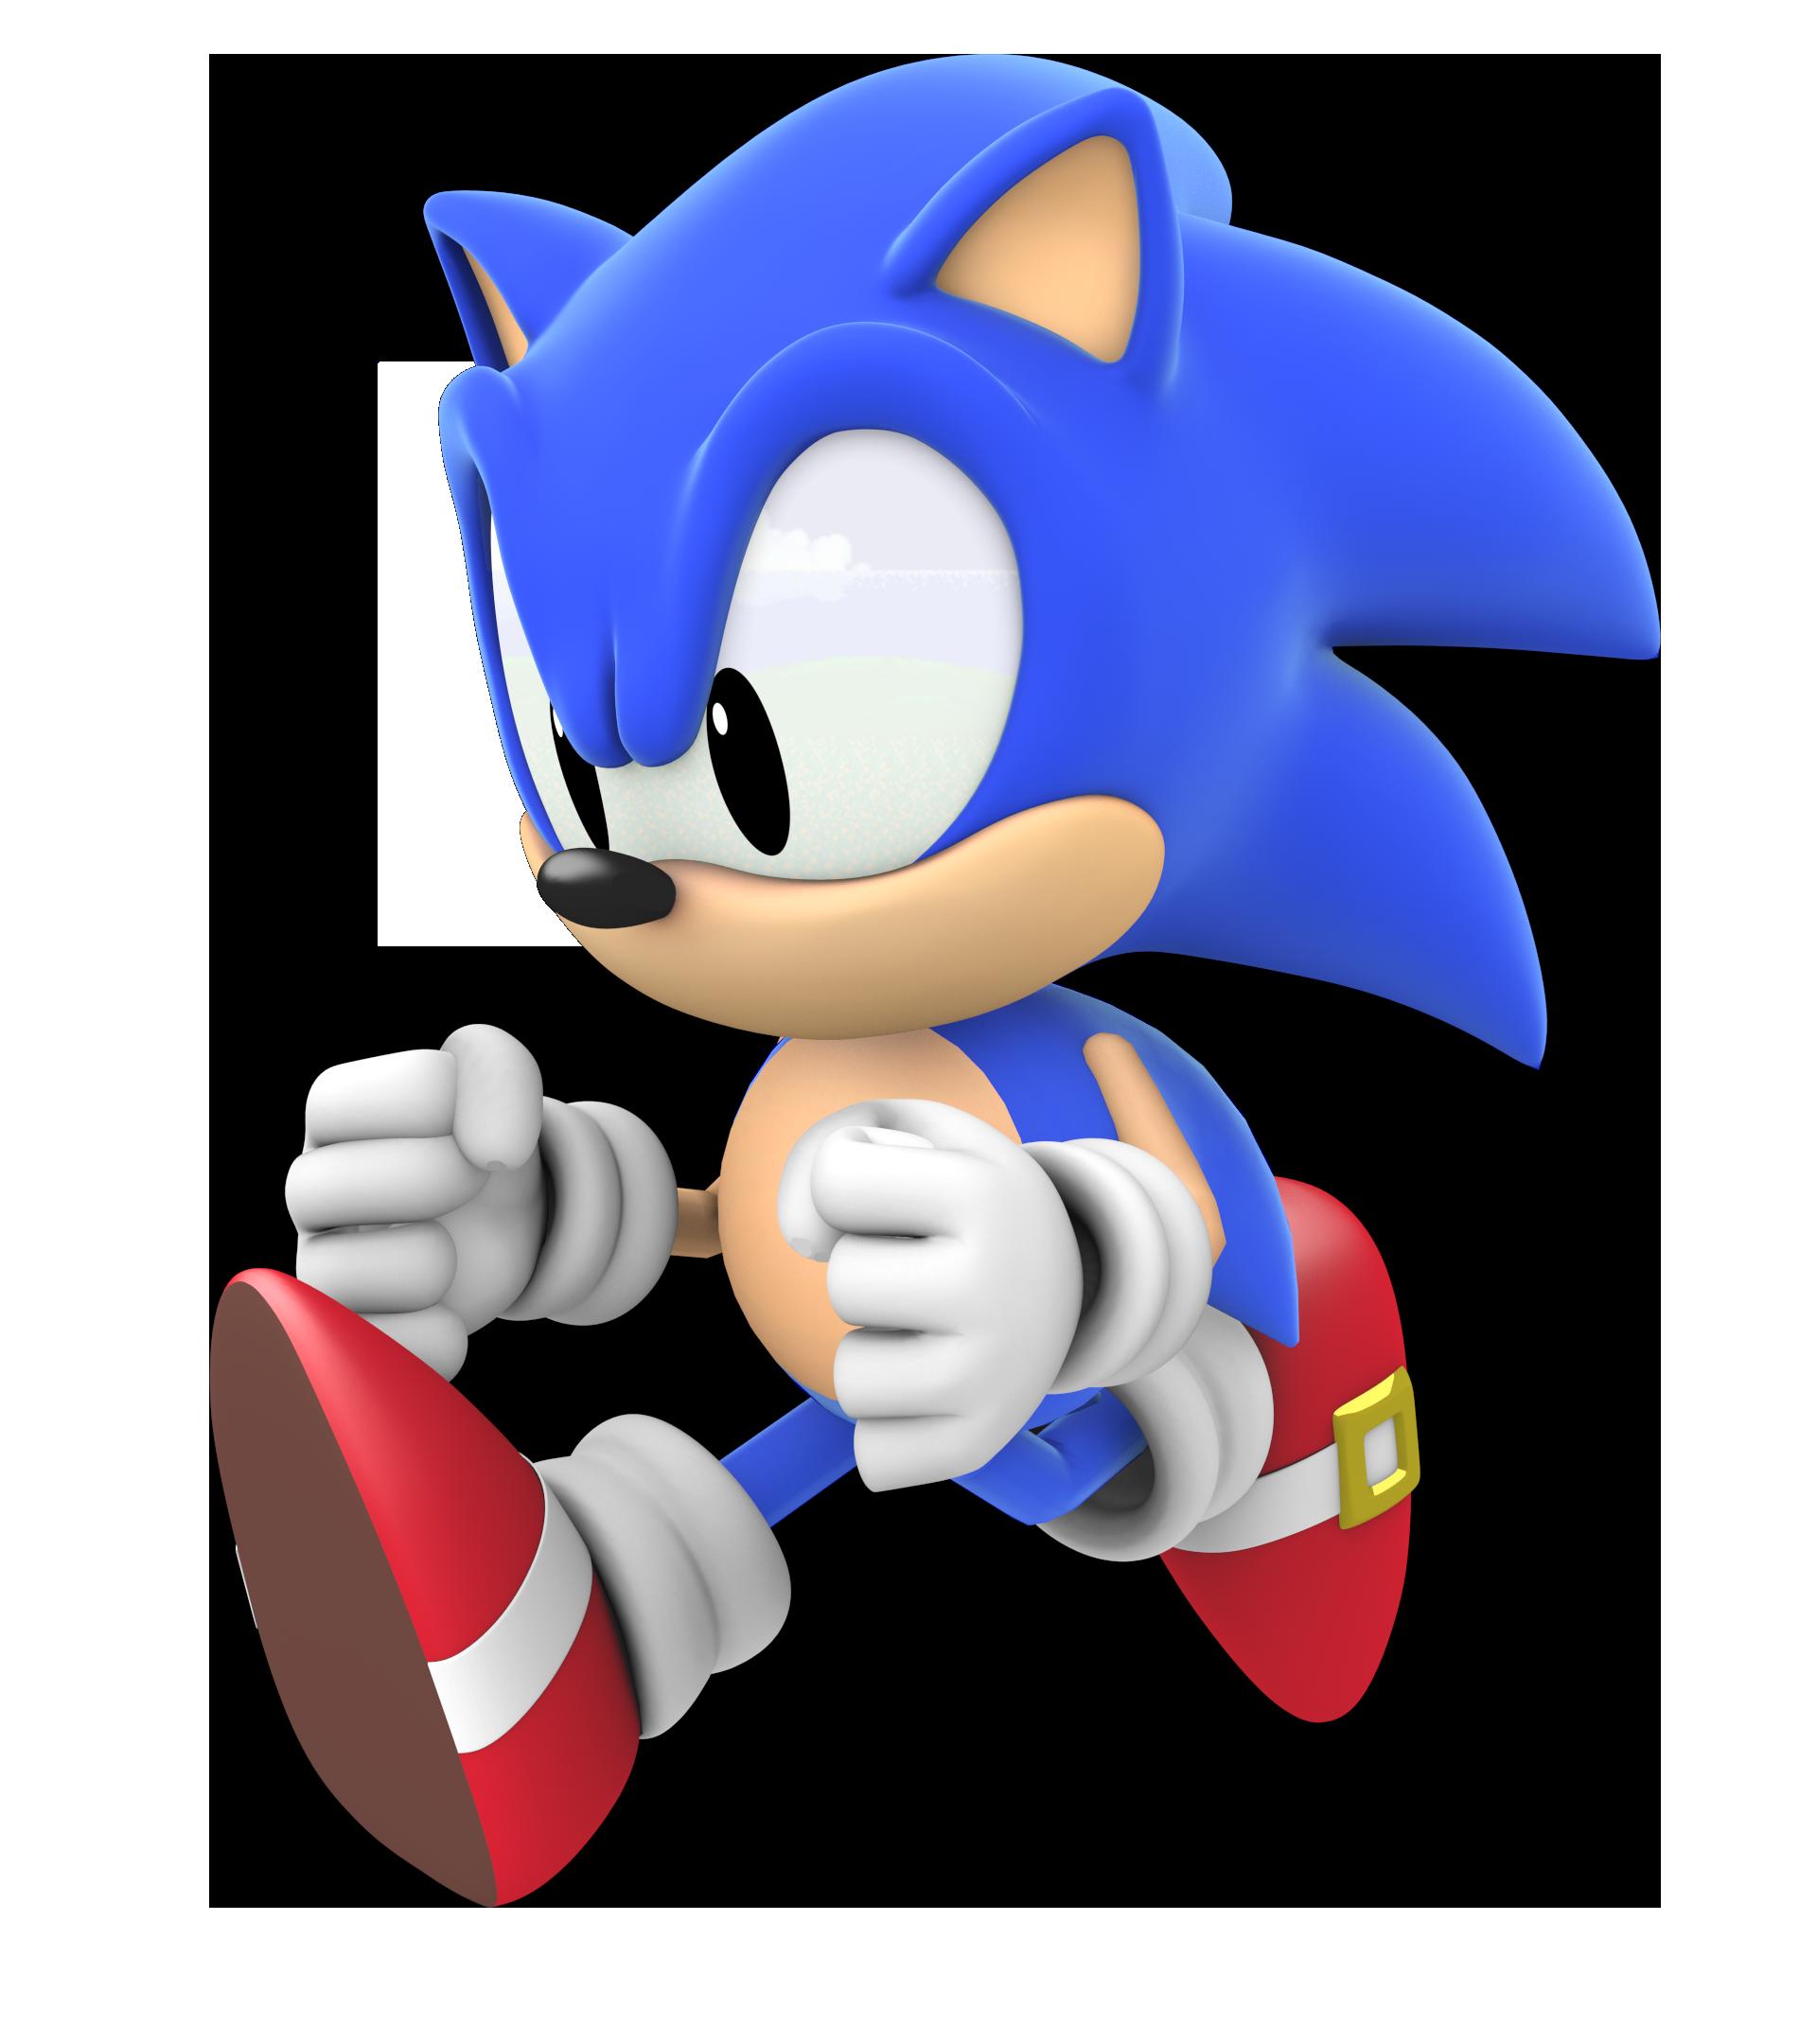 Sonic PS Render by MeStarStudios on DeviantArt